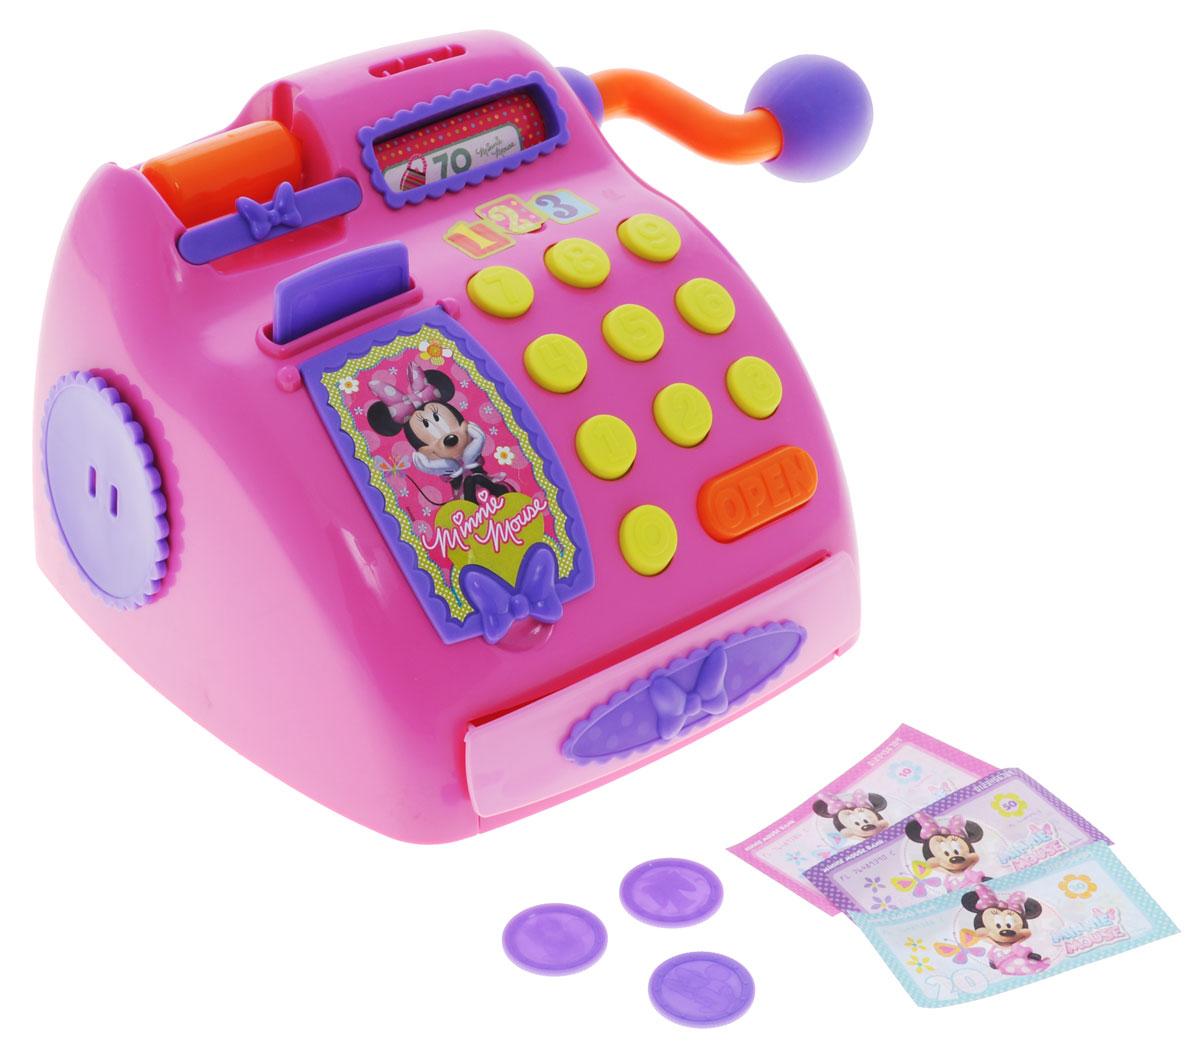 Disney Игровой набор Касса Минни Маус181045MI2Игровой набор Disney Касса. Минни Маус - идеальный подарок для игры в магазин маленькой поклоннице популярного мультсериала Диснея. В наборе имеется все необходимое для игры: касса, бумажные деньги, пластиковые монеты и банковская карта. Кассовый аппарат имеет цифры, табло, которое выводит сумму покупки, а также разъем для оплаты покупок банковскими картами. Лента- транспортер прокручивается с помощью специальной поворотной ручки. Такая игрушка сможет не только разнообразить досуг ребенка, но также научит считать и обращаться с деньгами, разовьет воображение и логическое мышление. Порадуйте вашу малышку таким замечательным подарком!